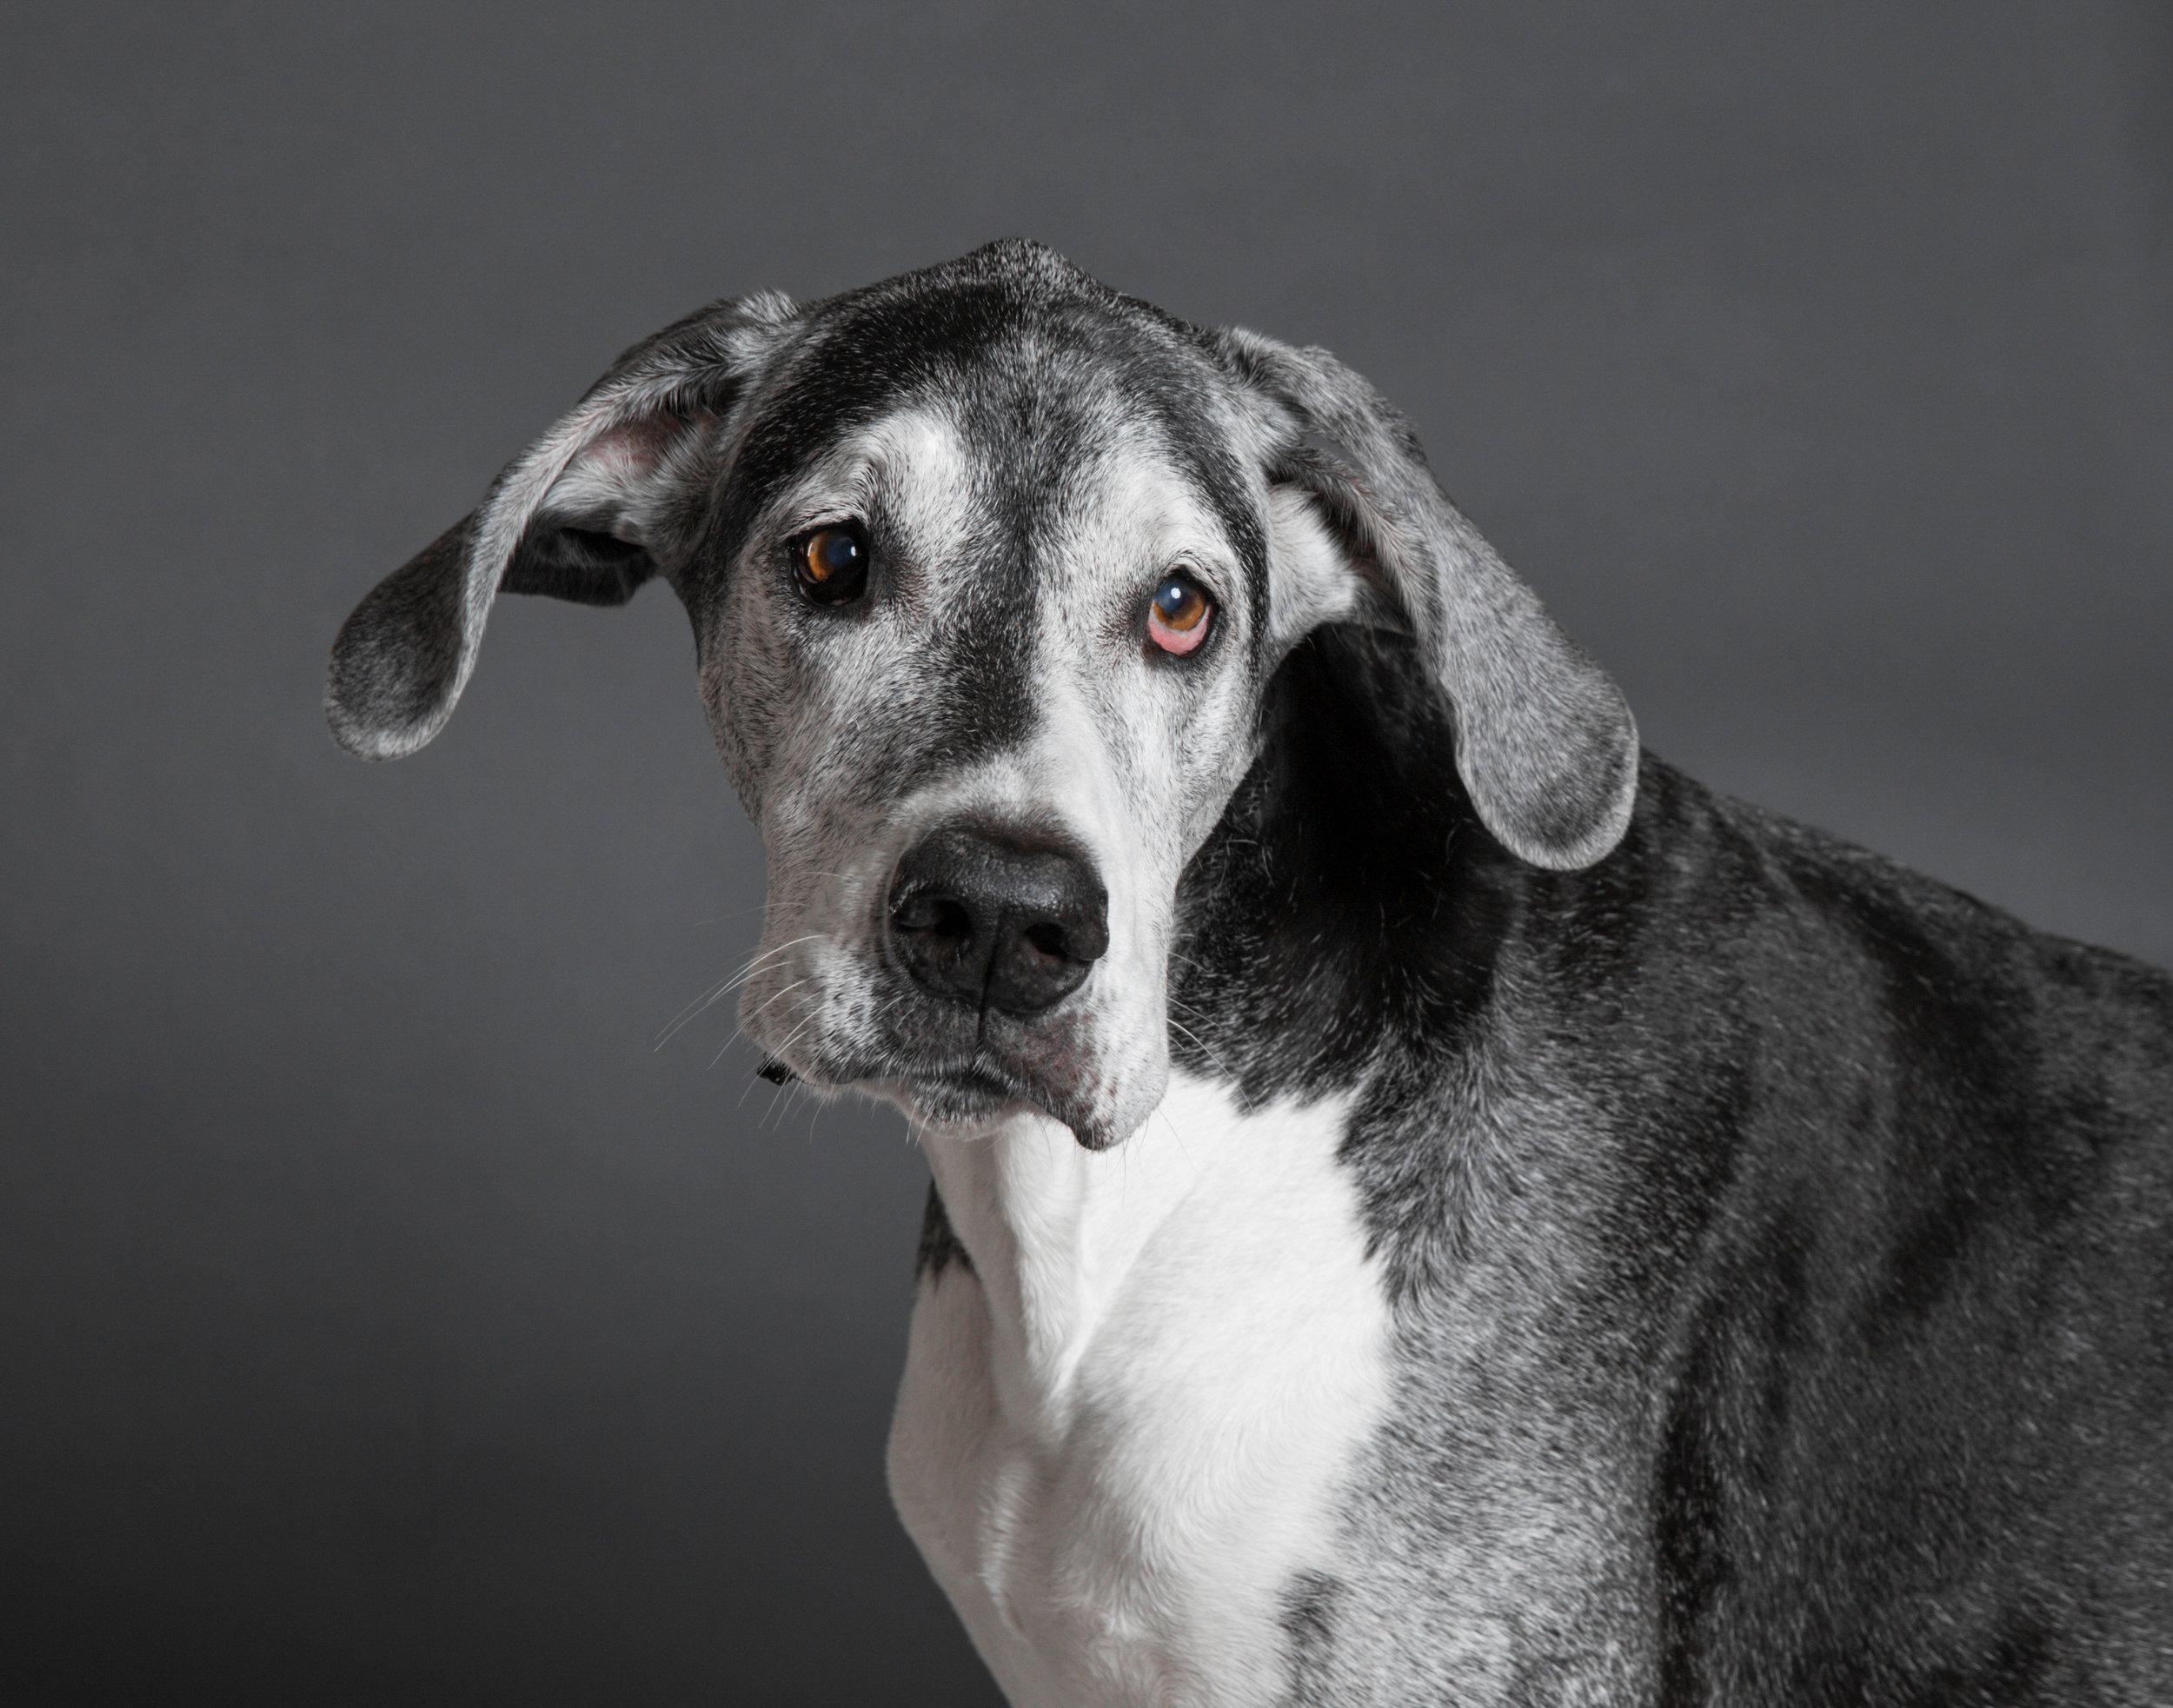 5 star dogs 11x14-3.jpg